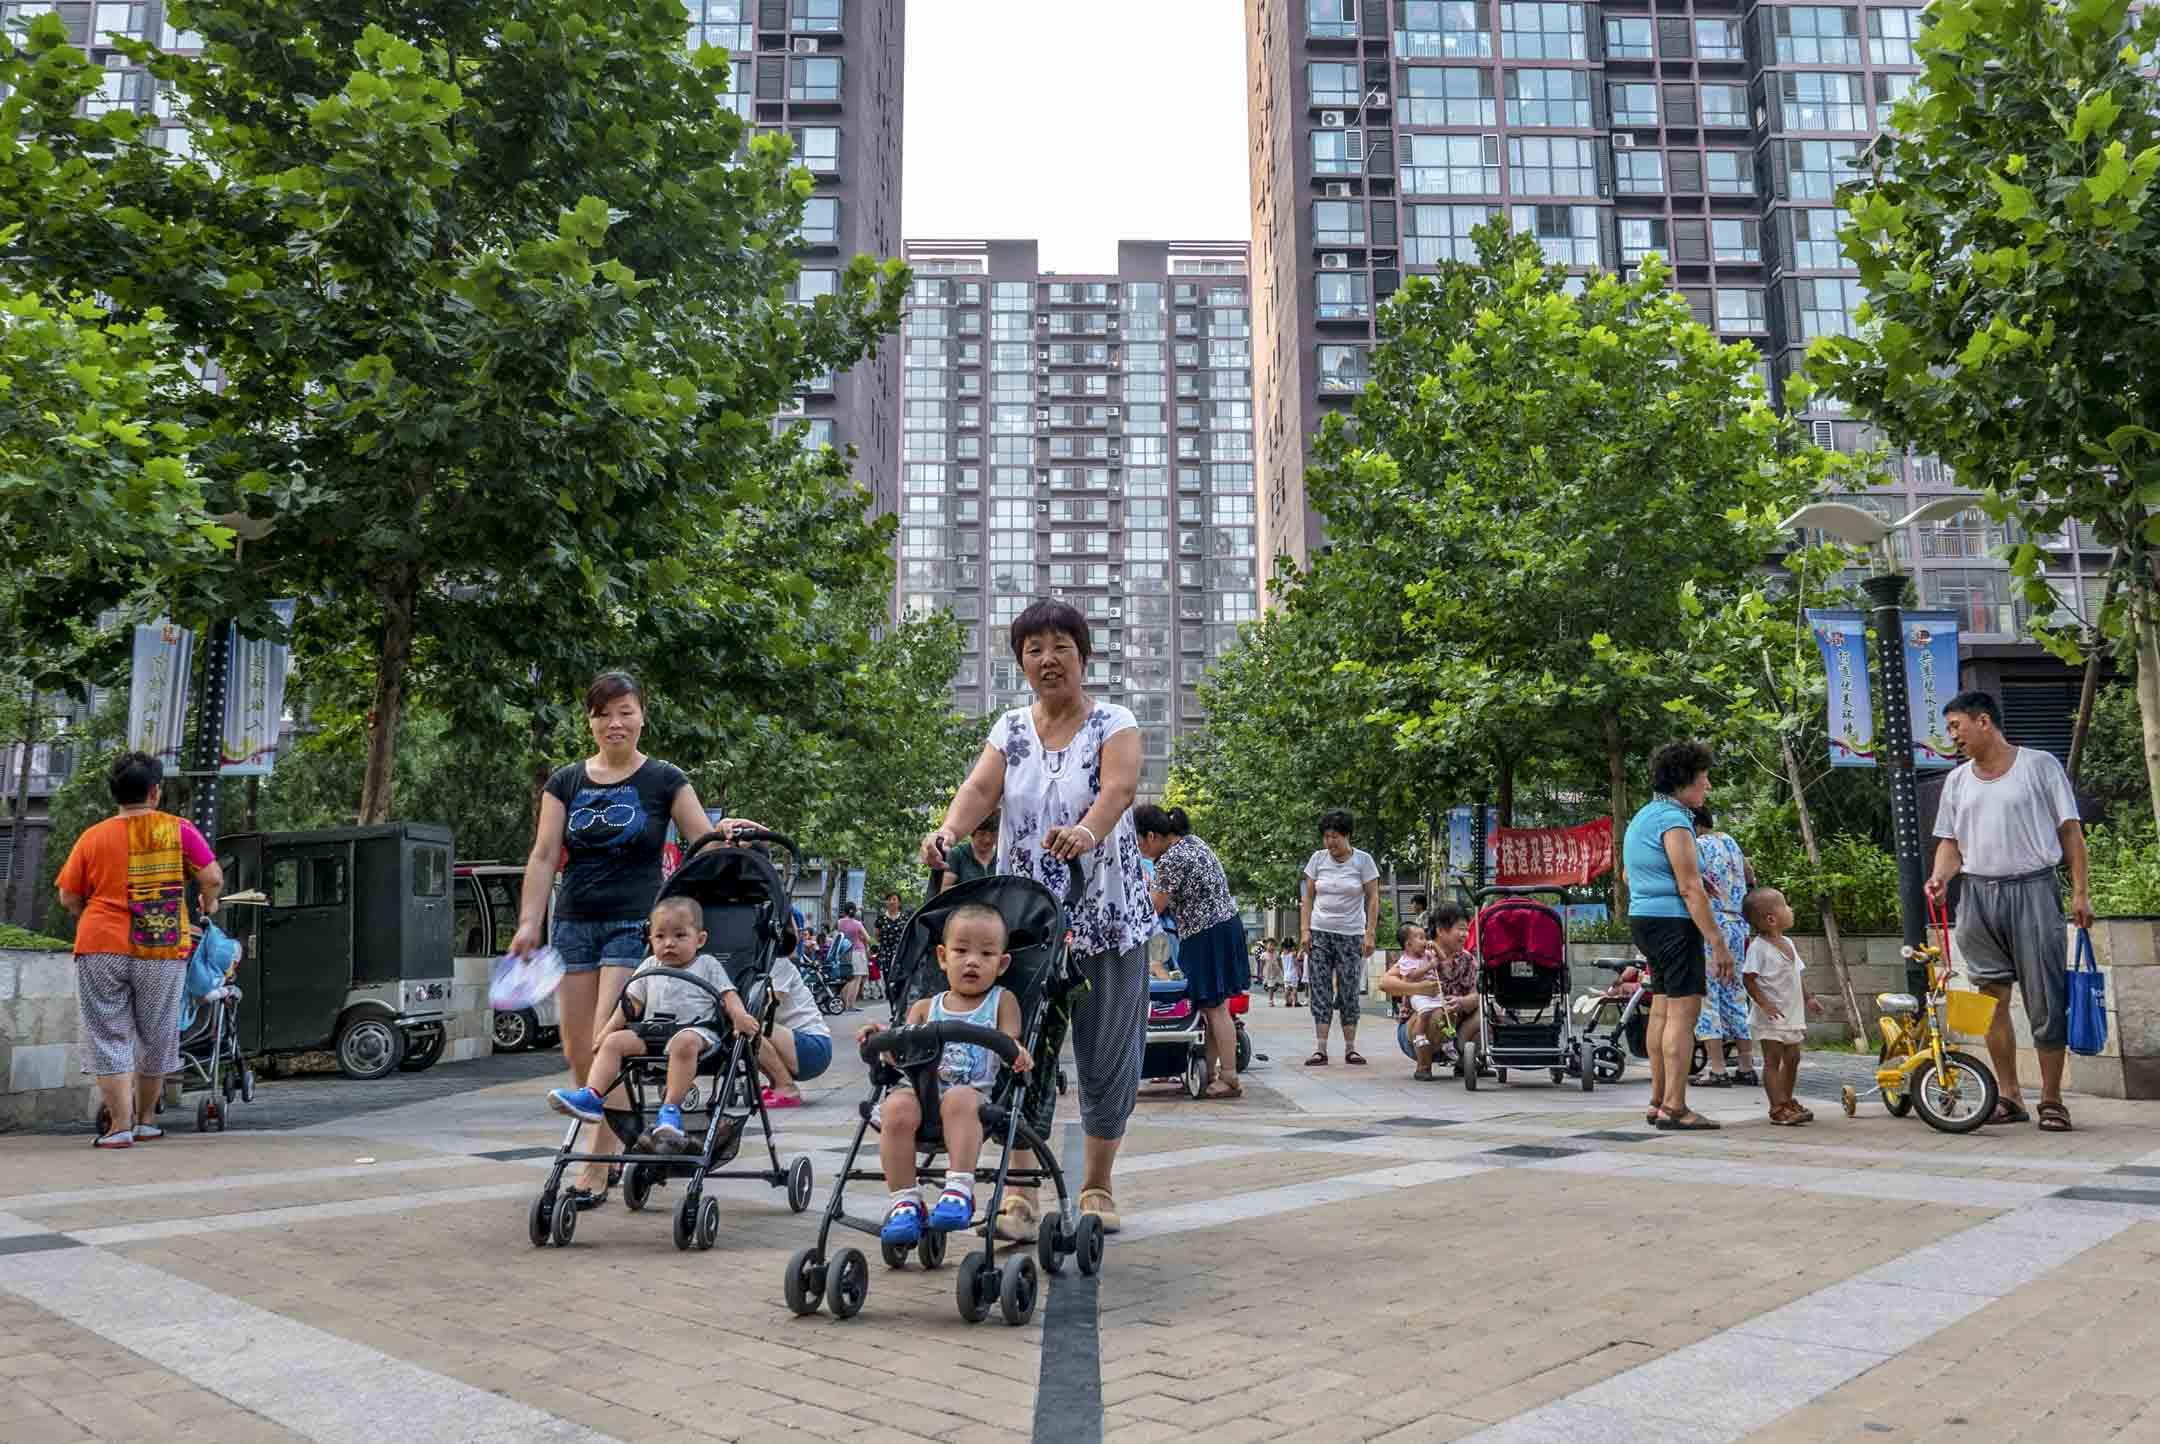 血緣,是祖輩照顧孫輩最正當的理由。祖父母雖有時難以接受先進的育兒理念,同住一個屋檐下也難免有摩擦磕絆,但在李媛眼中,他們才是最無私、最可靠、也最盡心盡力的人選。圖為孩子們跟祖父母在北京一個住宅的社區內玩耍。 攝: Zhang Peng/LightRocket via Getty Images